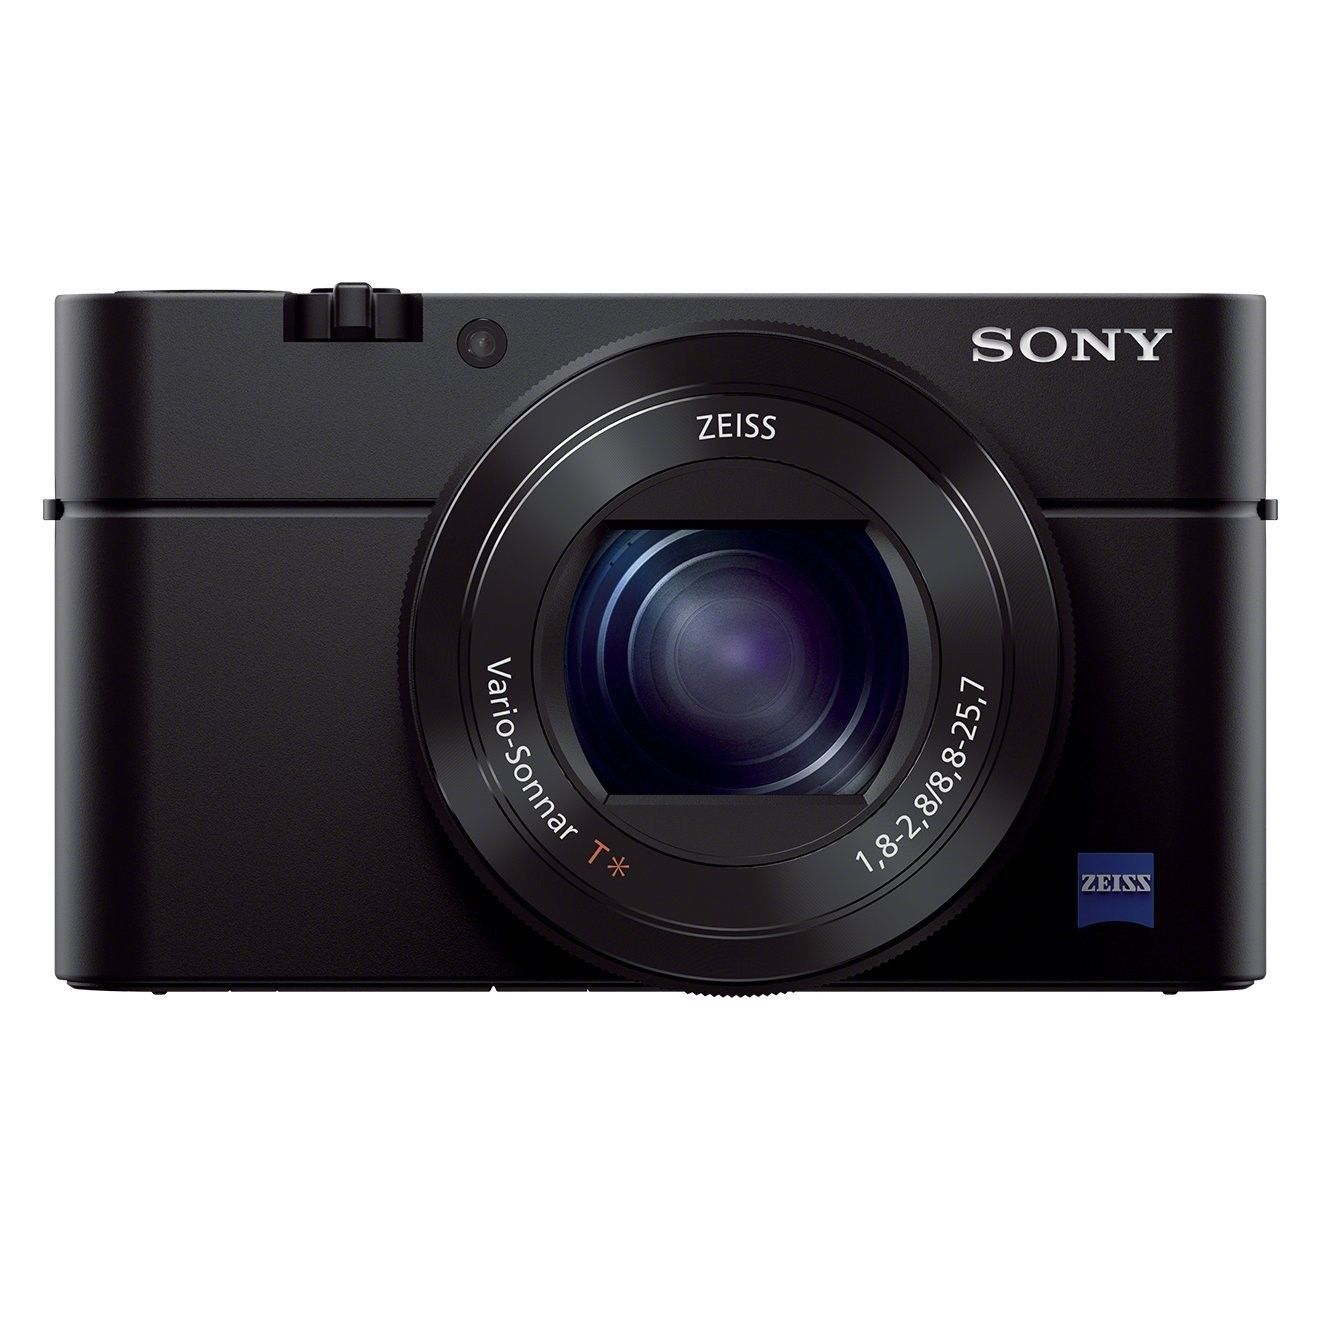 Sony DSC-RX 100 III, 20.1 MP Digitalkamera, black - Restgarantie!!